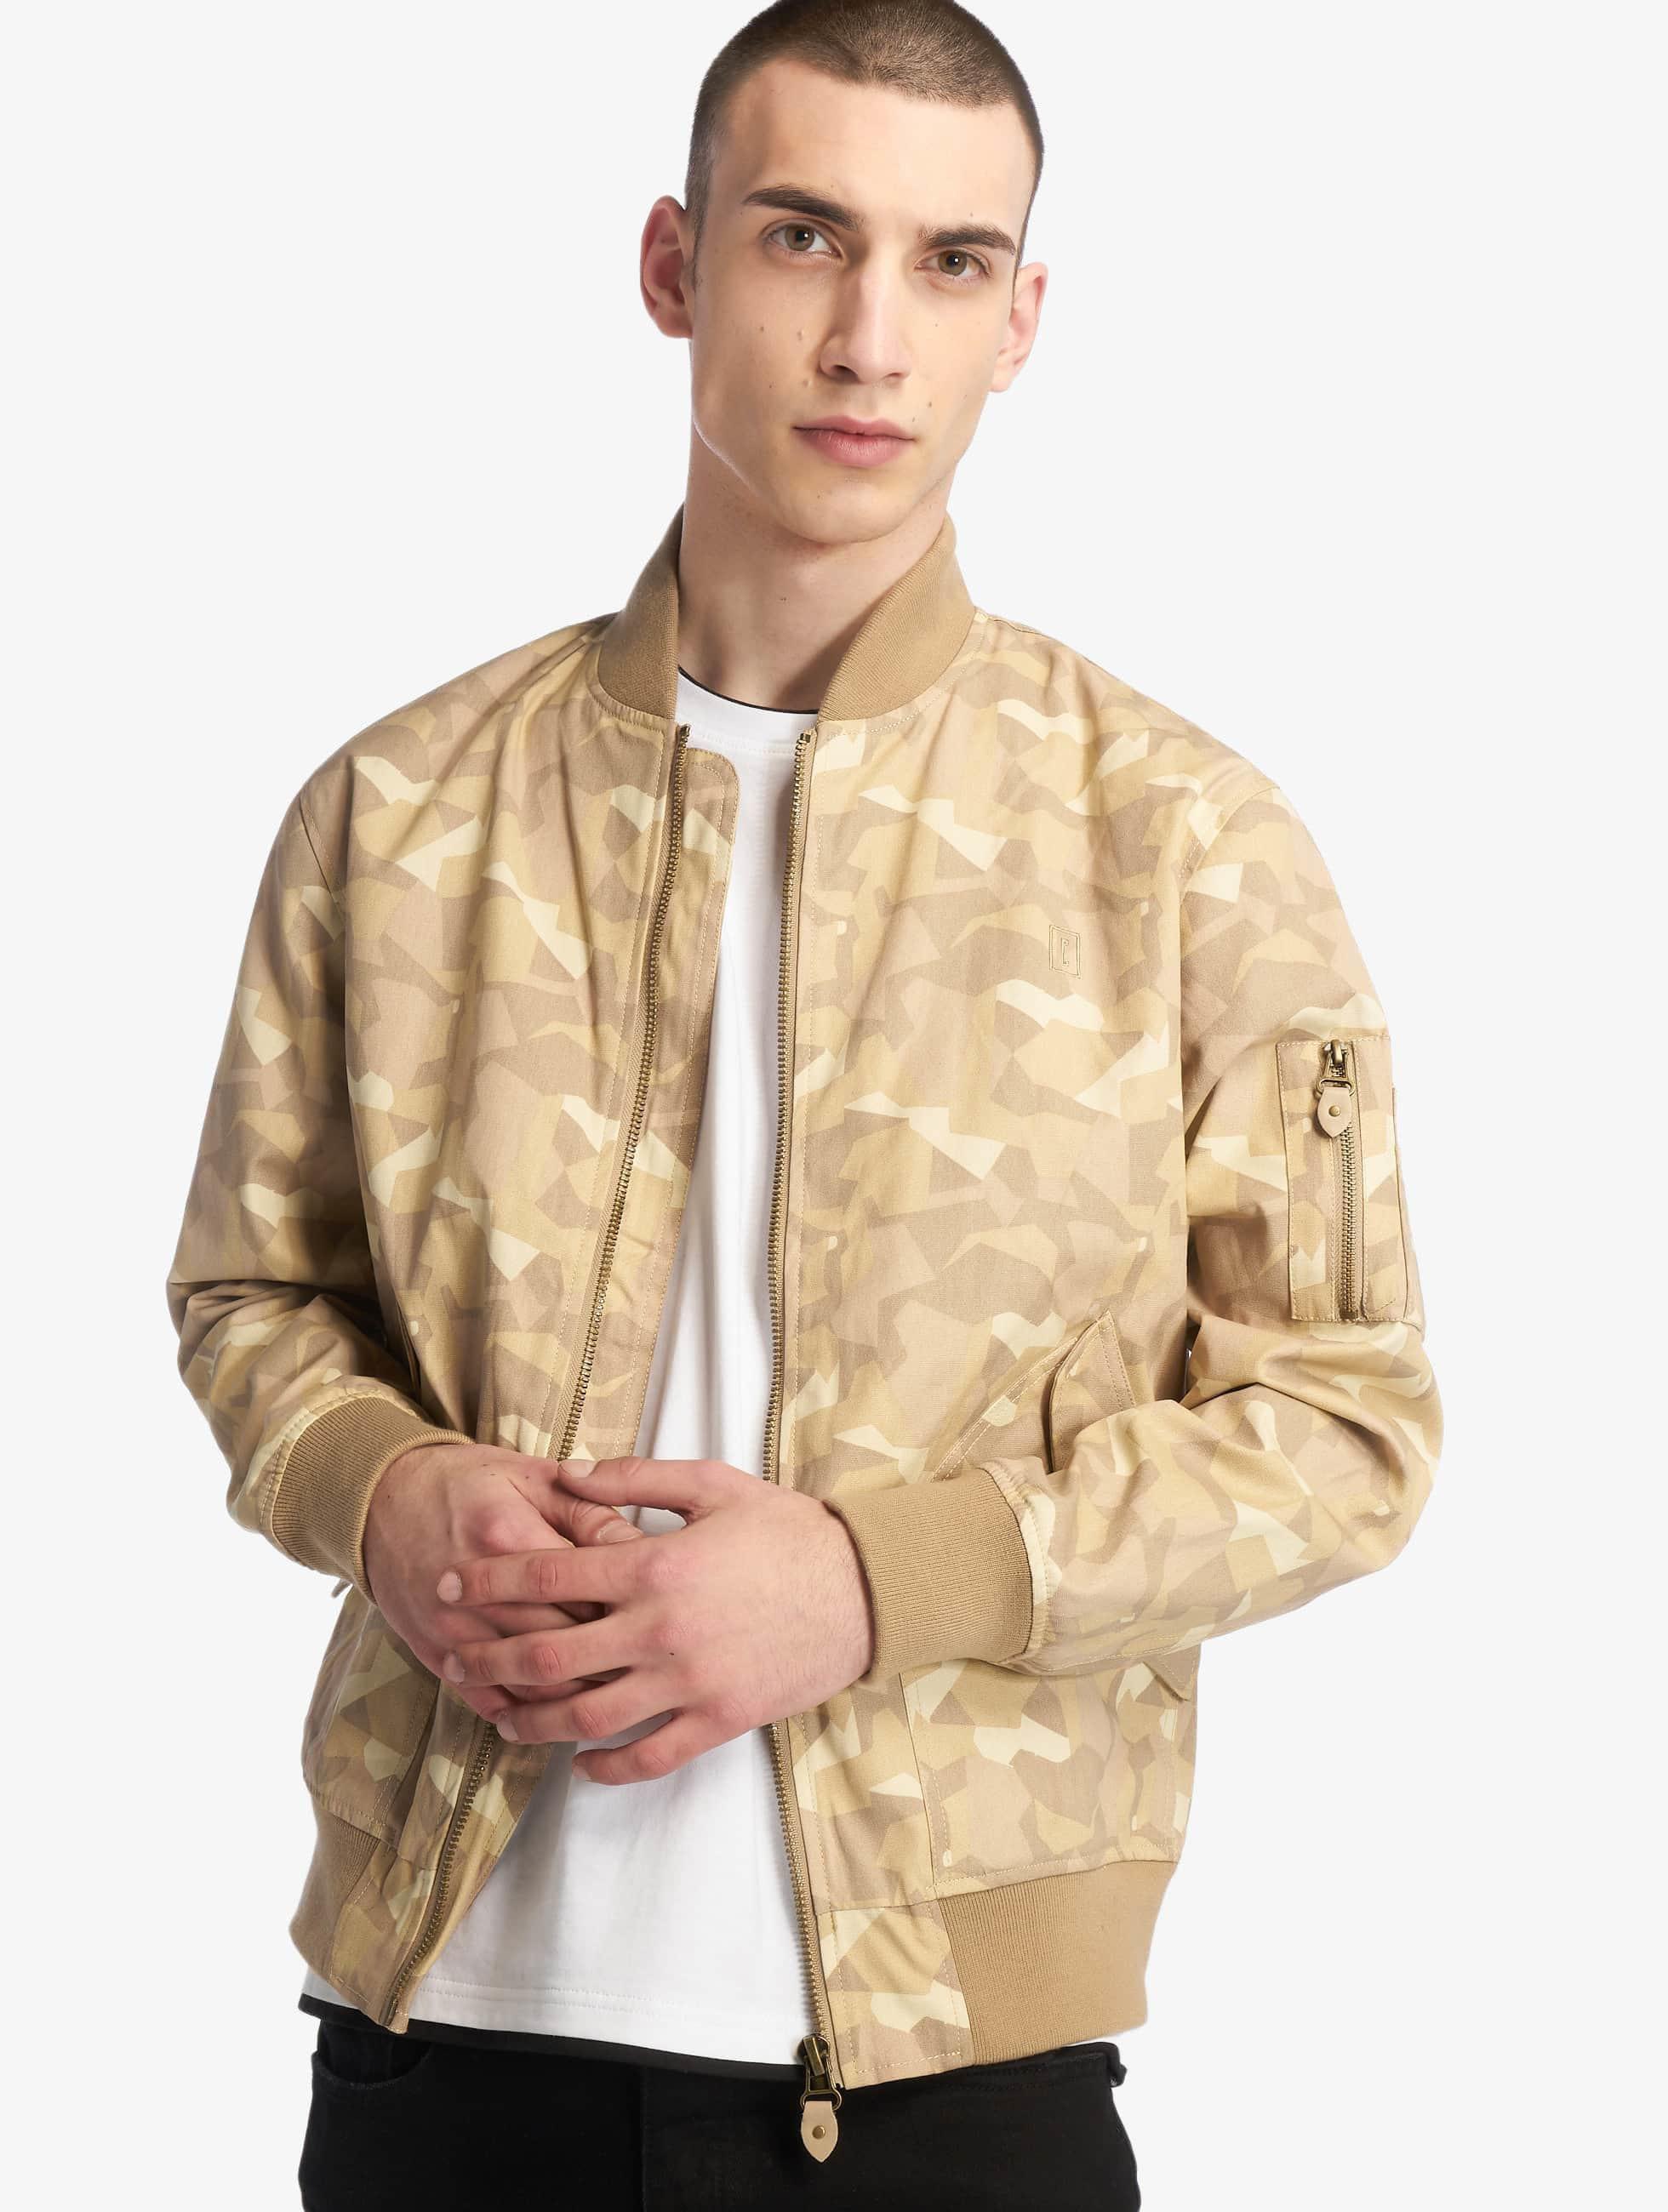 Cyprime / Bomber jacket Bomberjacket Obsidian in beige XL